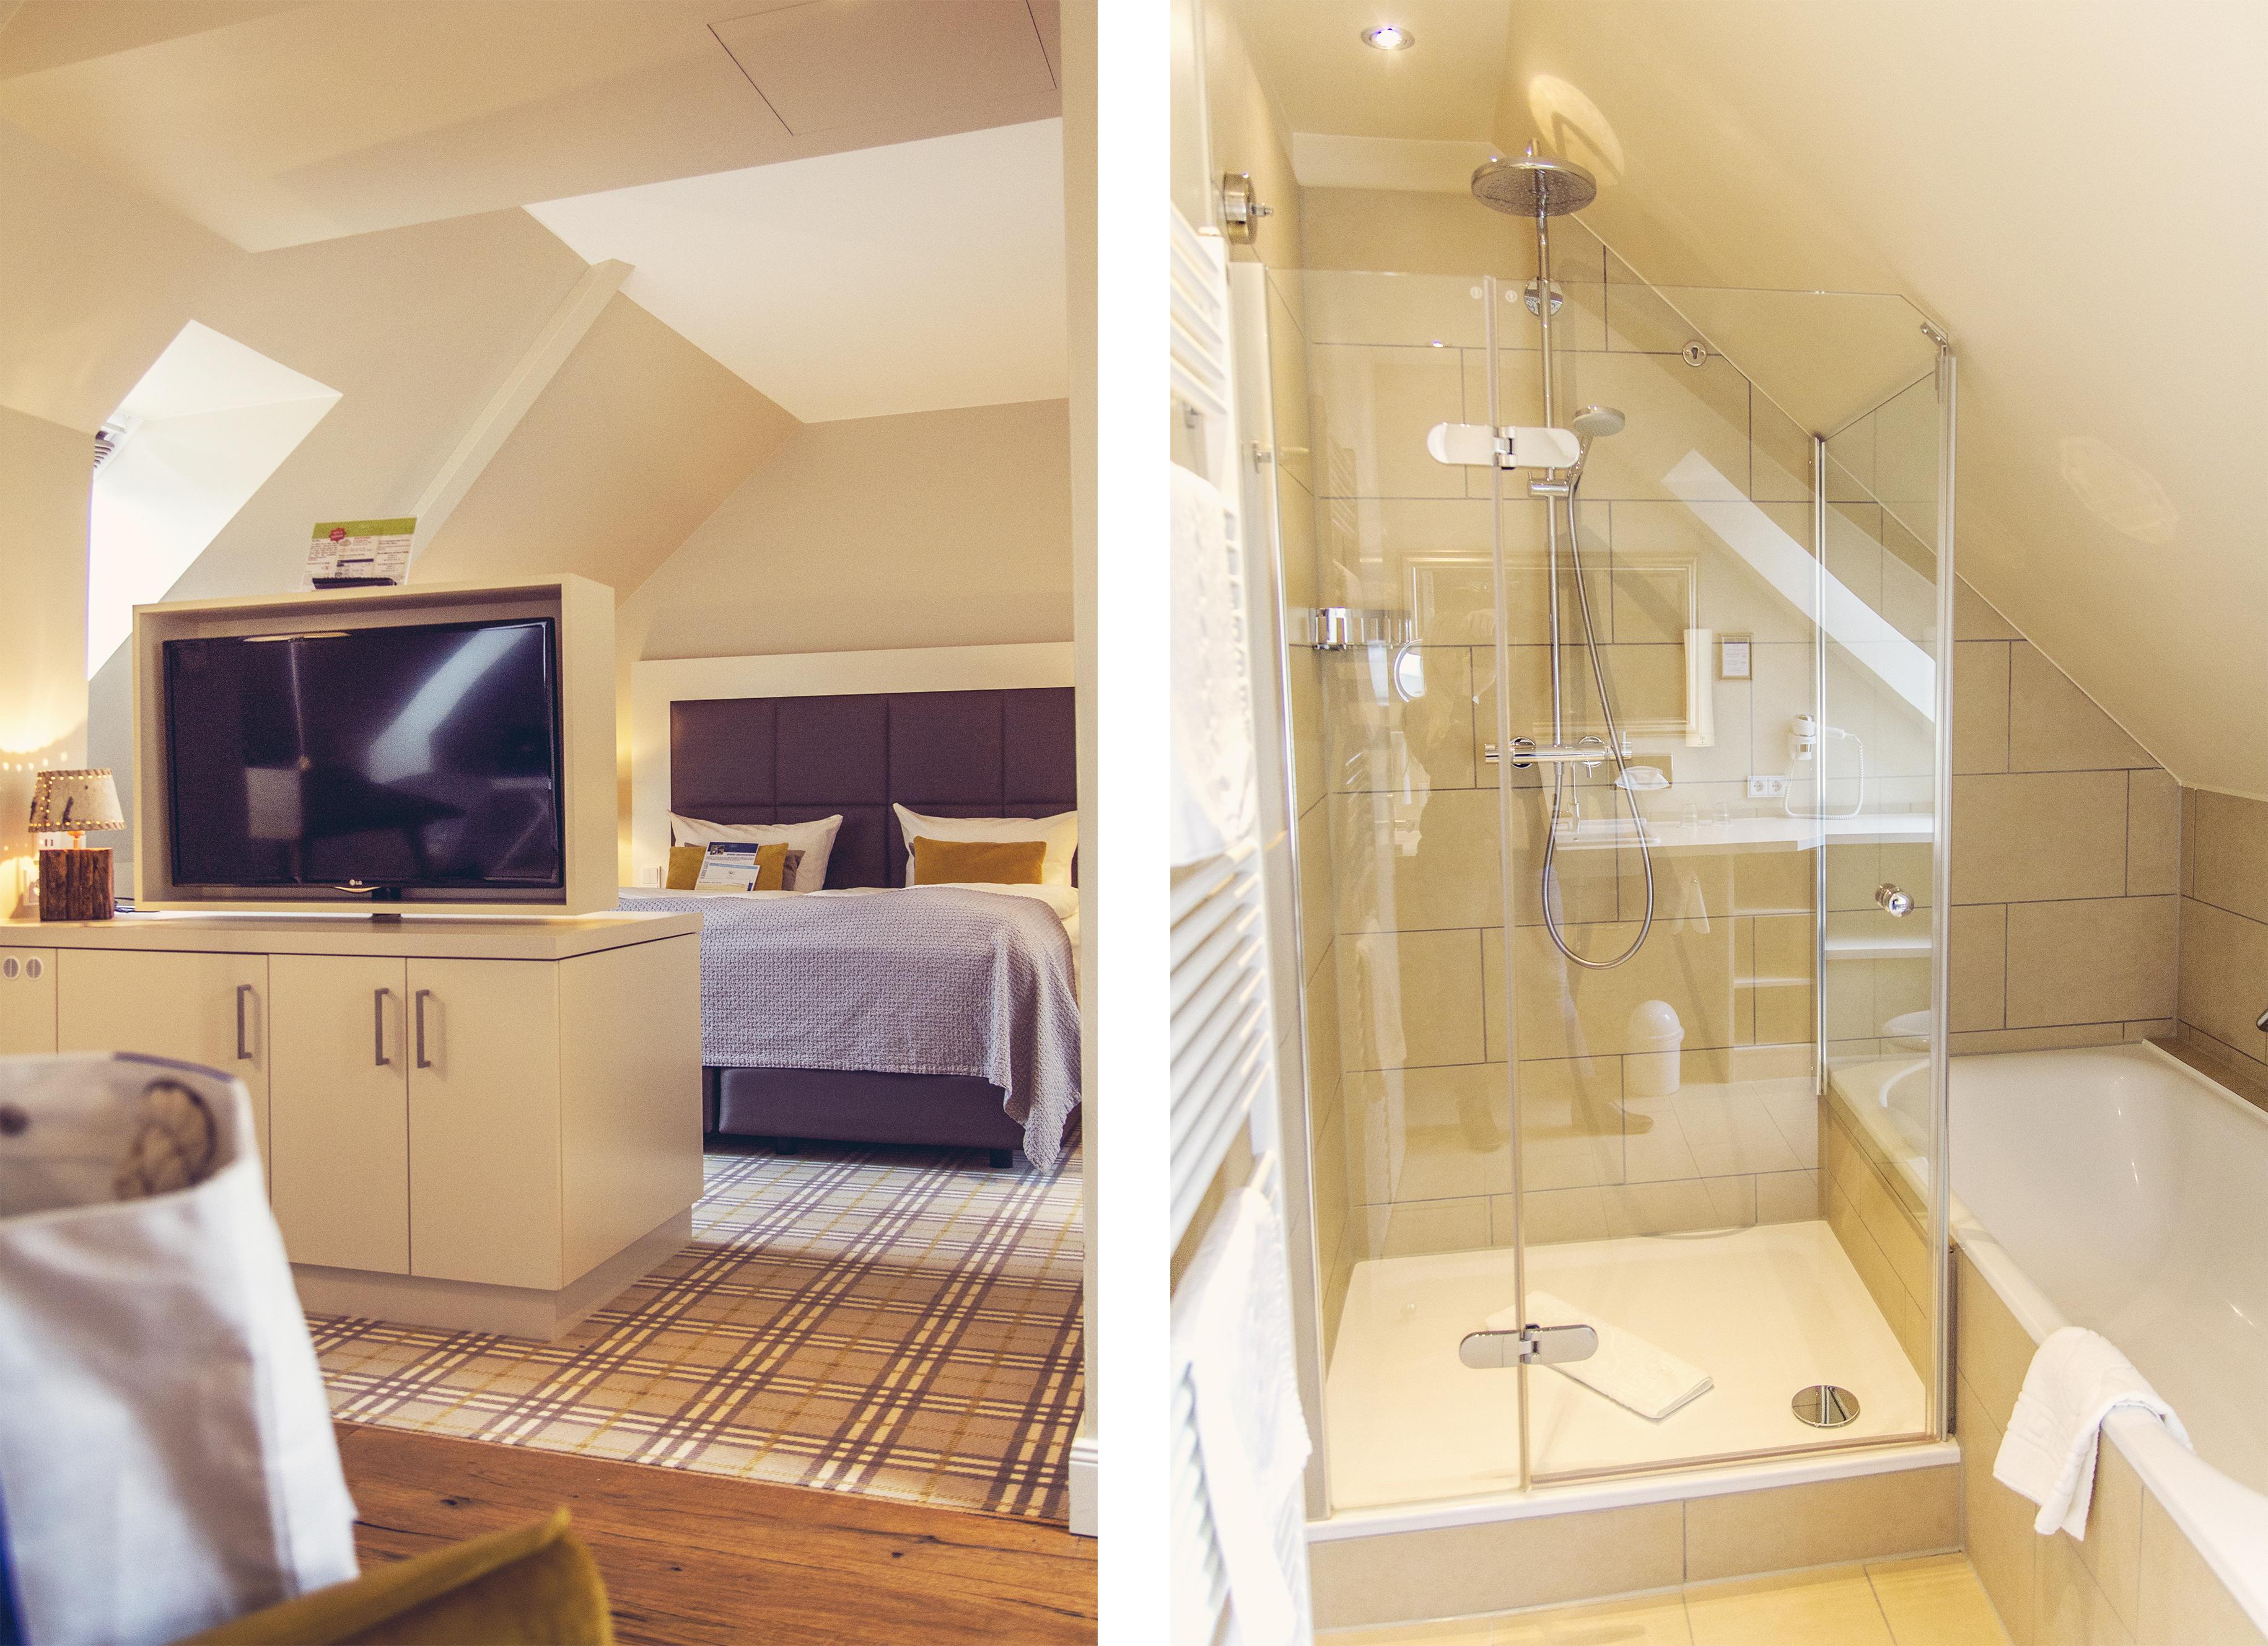 HotelBirke_Kiel_Suite_renoviert_Badezimmer